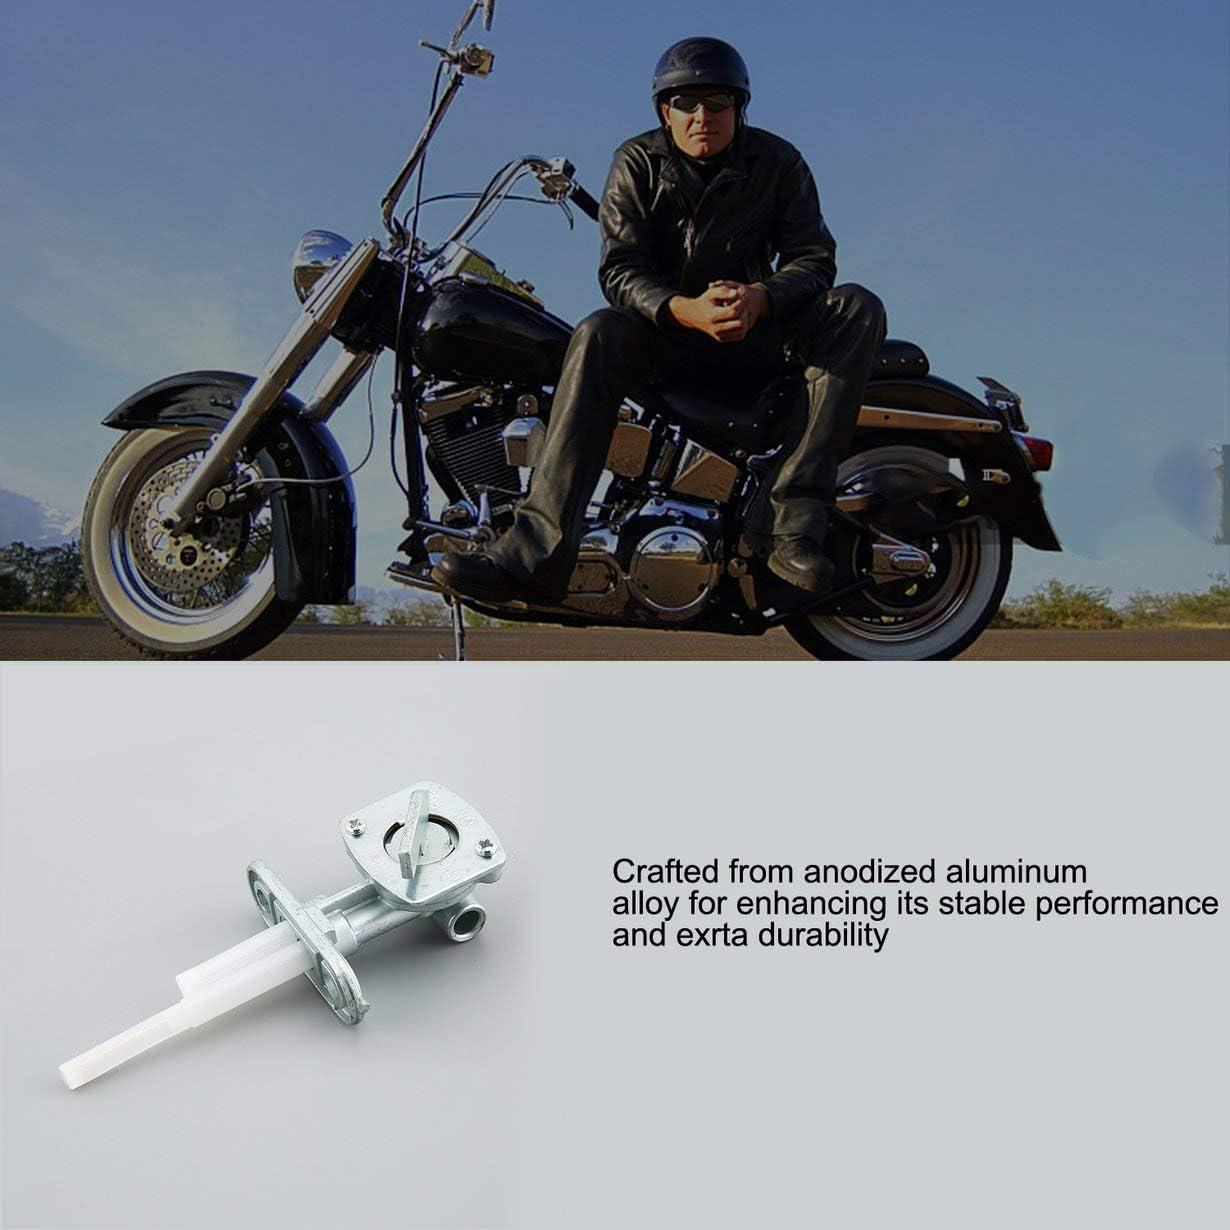 Silber camellia Benzinhahn Kraftstoffhahn Ventil Schalter EIN Aus Reserve F/ür Suzuki LT50 LTZ50 KFX50 Moto Zubeh/ör Auto-Styling